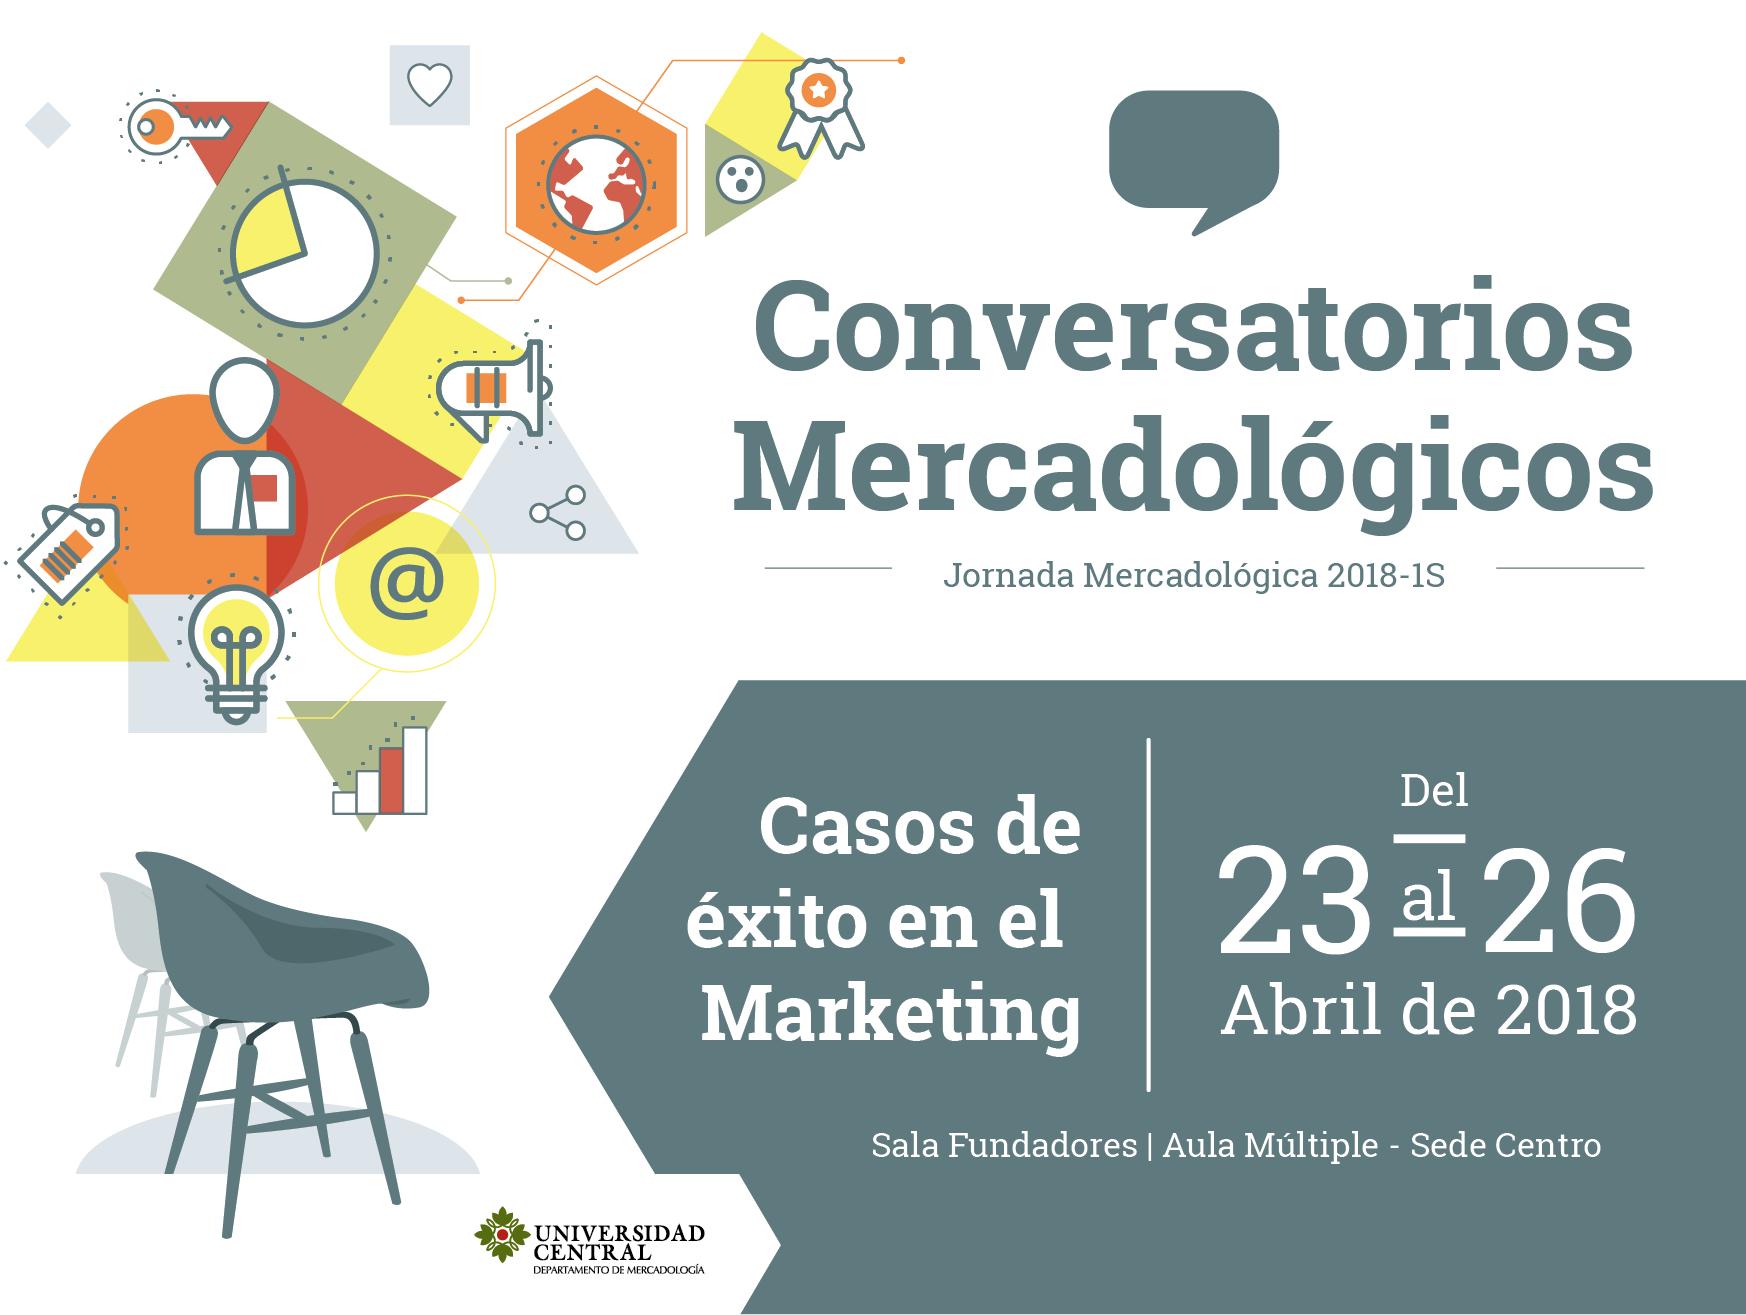 Conversatorios Mercadológicos 2018_1 Universidad Central